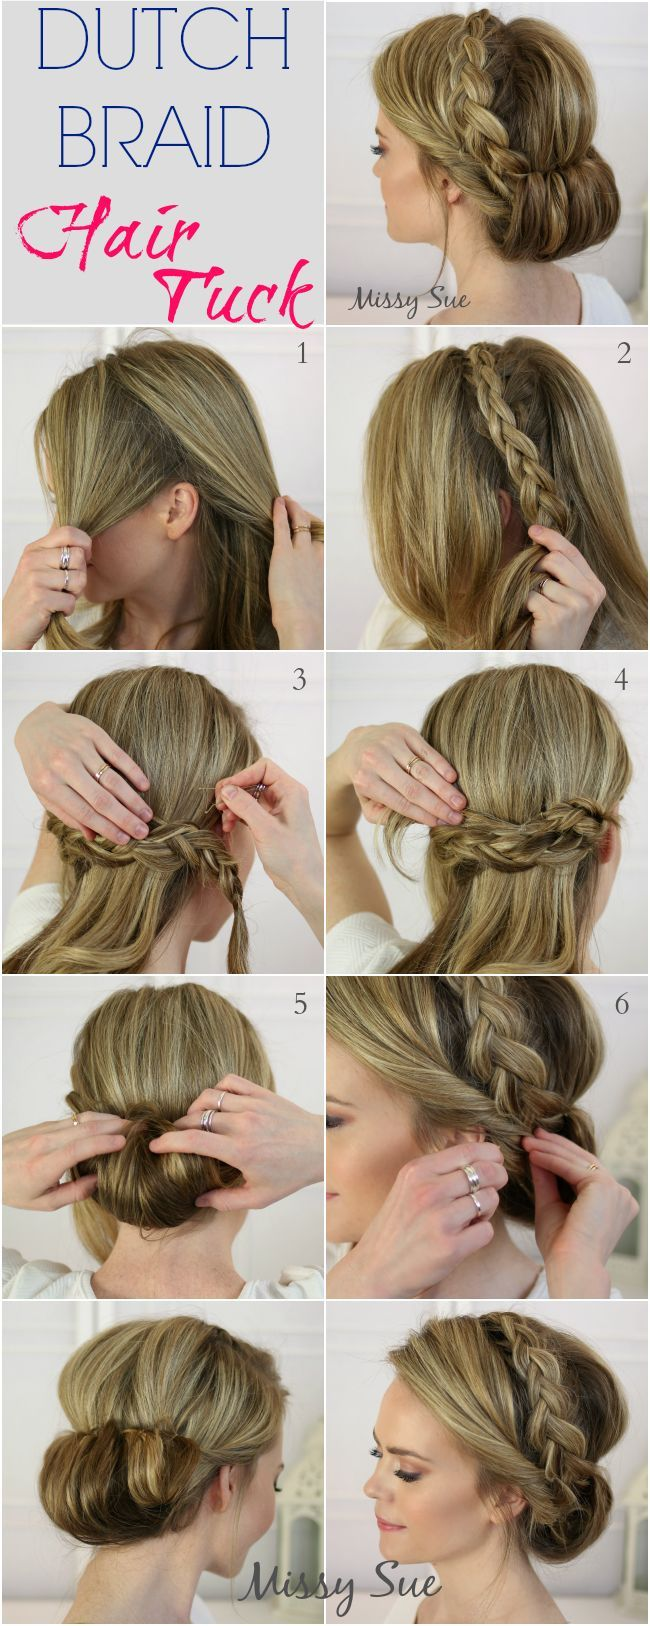 Dutch Braid Headband for Tuck Hair